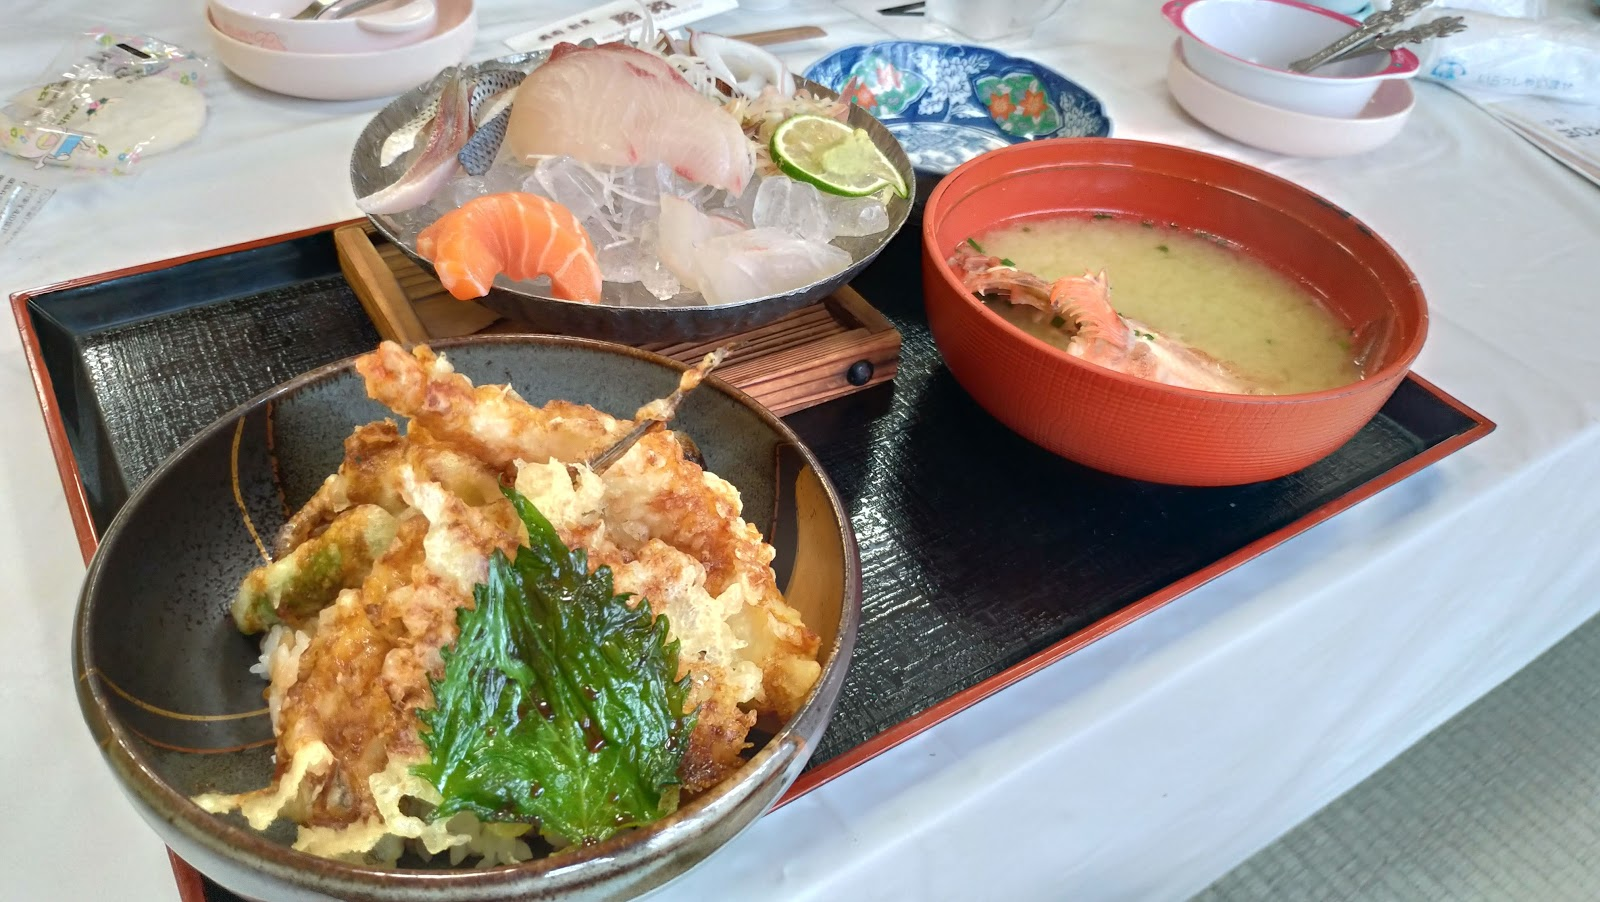 さいかい丼フェア 鮨政 西海コラボ丼